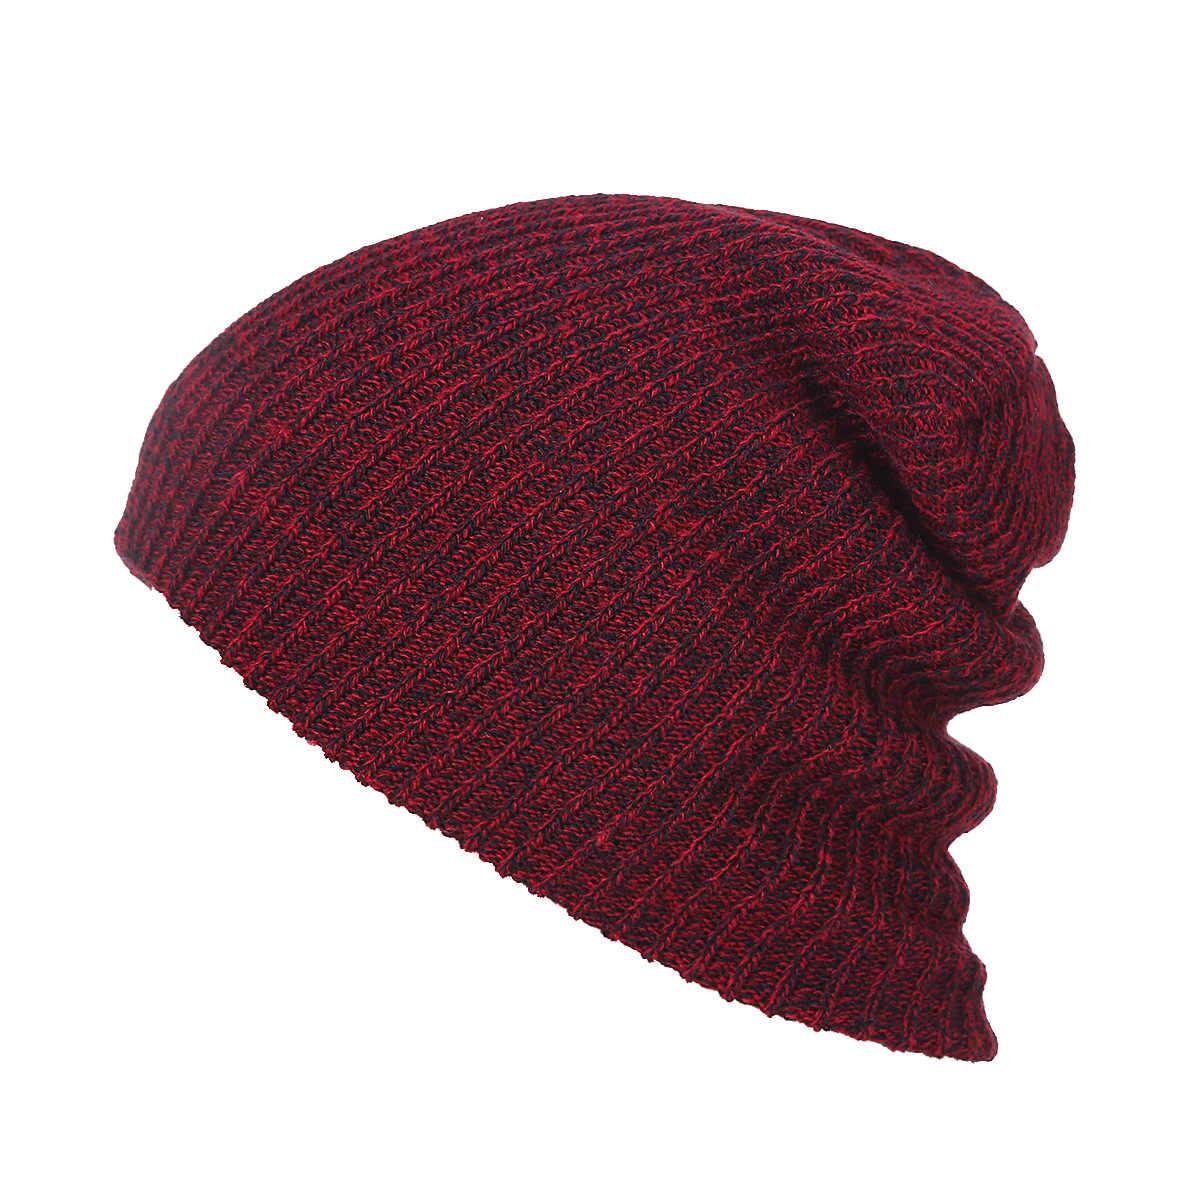 7d63ea7ea4f ... COKK Winter Hats For Men Women Beanie Knitted Cap Stocking Hat Female  Skullies Beanies Bonnet Gorros ...